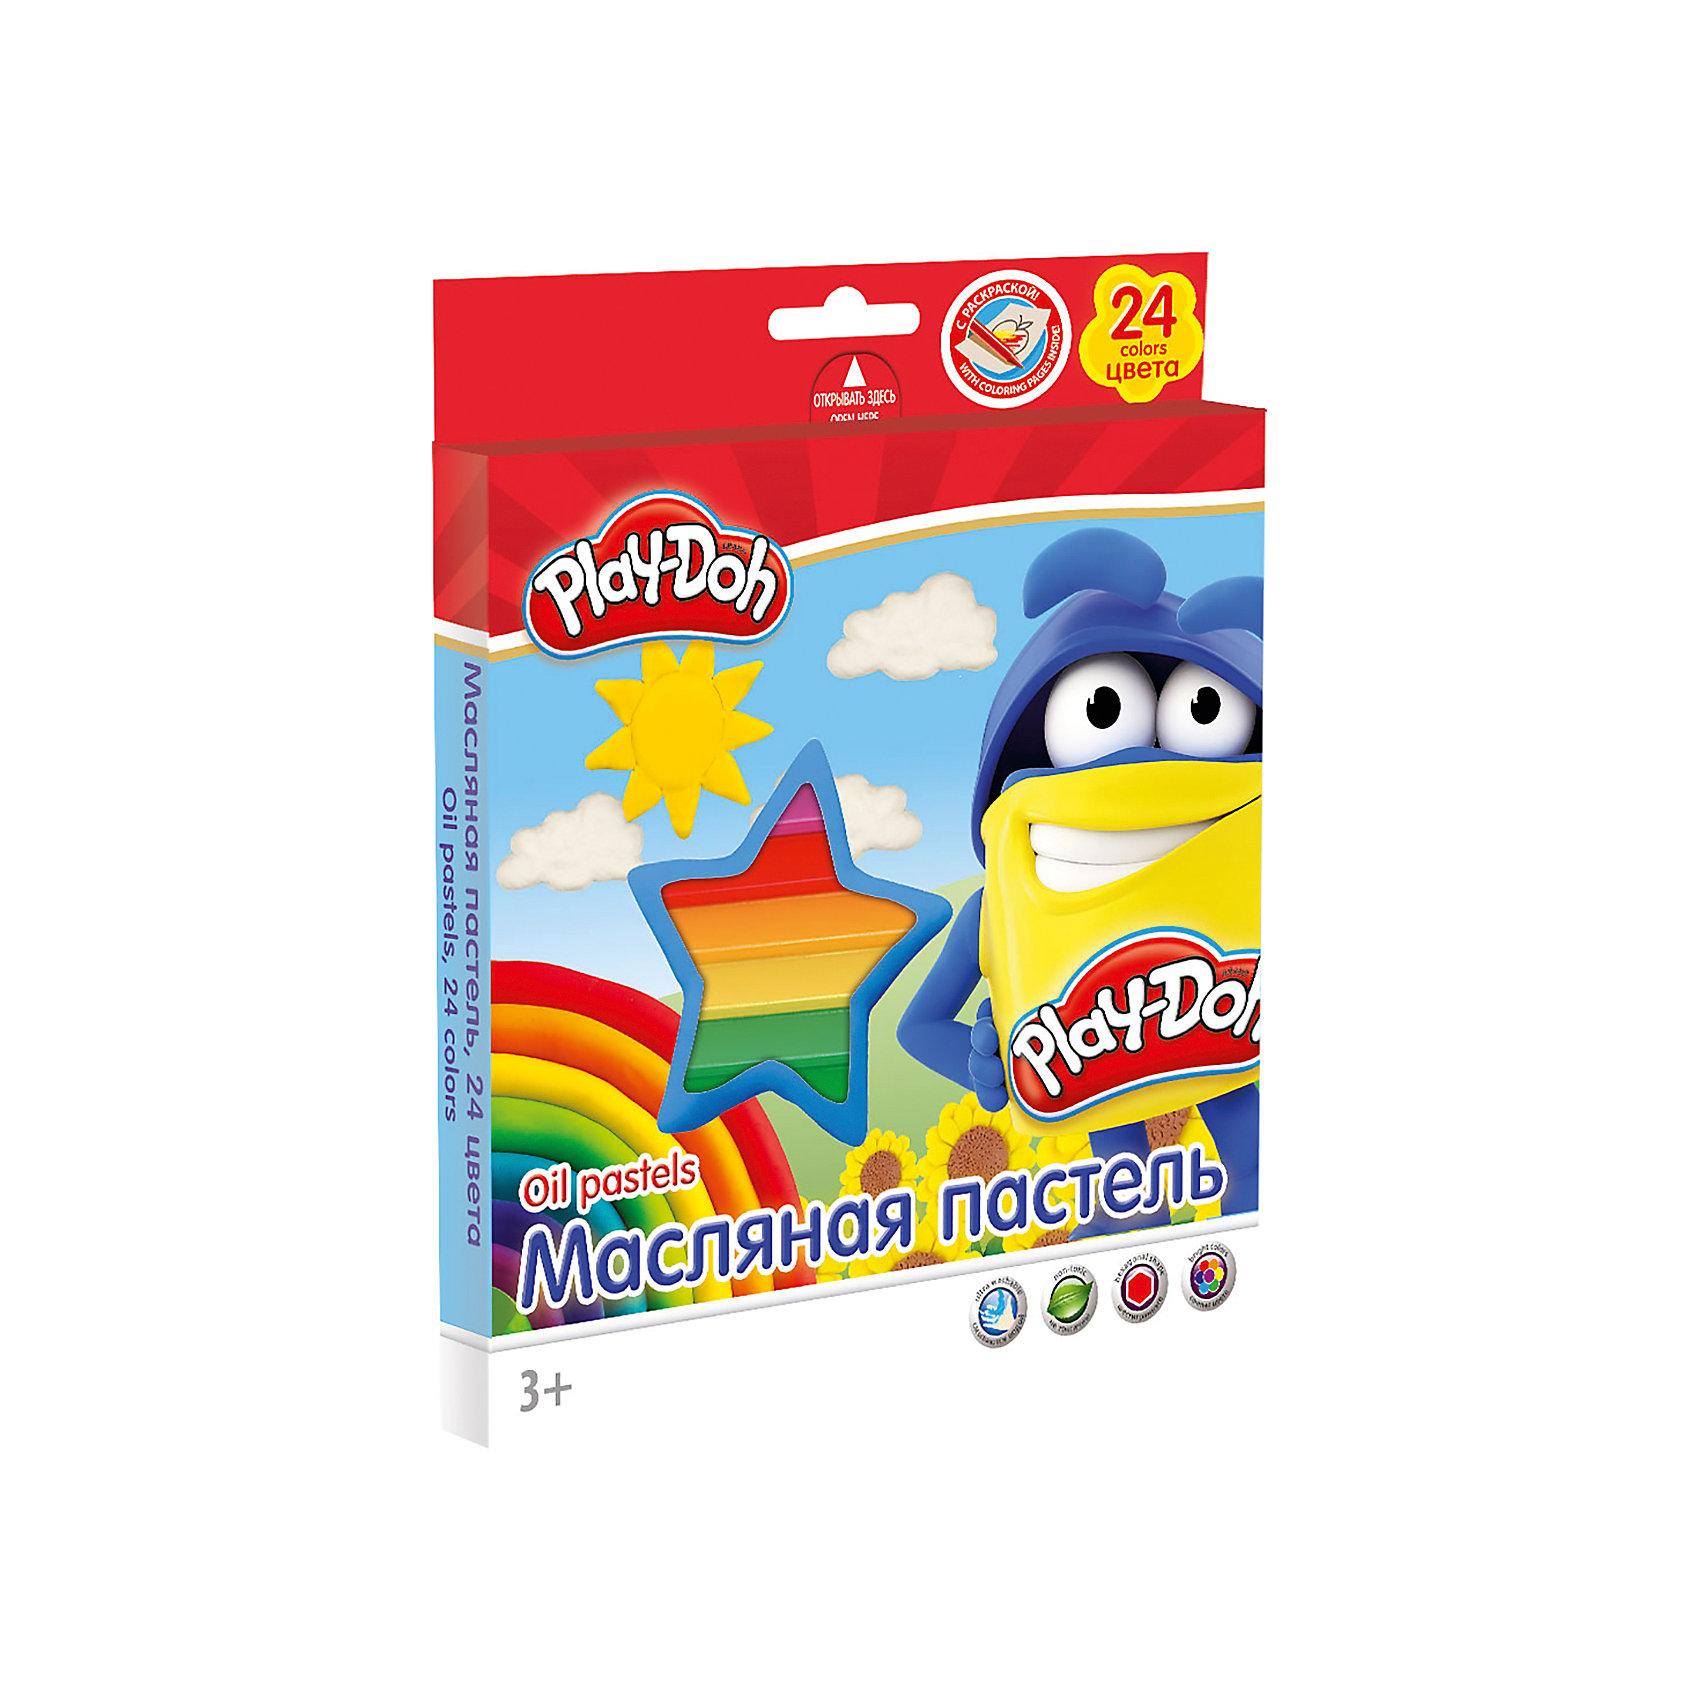 Масляная пастель (24 цвета) с раскрасками (2 шт), Play-DohМасляная пастель  24 цв., 2 раскраски. Размер 1 мелка: длина 7,5 см, диаметр 1,1 см. Каждый мелок обклеен бумажной оберткой. Упаковка   картонная коробка с ПВХ окном, с пластиковым ложементом и европодвесом. Размер 19,8 х 16,7 х 1,8 см.Play Doh<br><br>Ширина мм: 198<br>Глубина мм: 167<br>Высота мм: 18<br>Вес г: 260<br>Возраст от месяцев: 36<br>Возраст до месяцев: 168<br>Пол: Унисекс<br>Возраст: Детский<br>SKU: 4614756